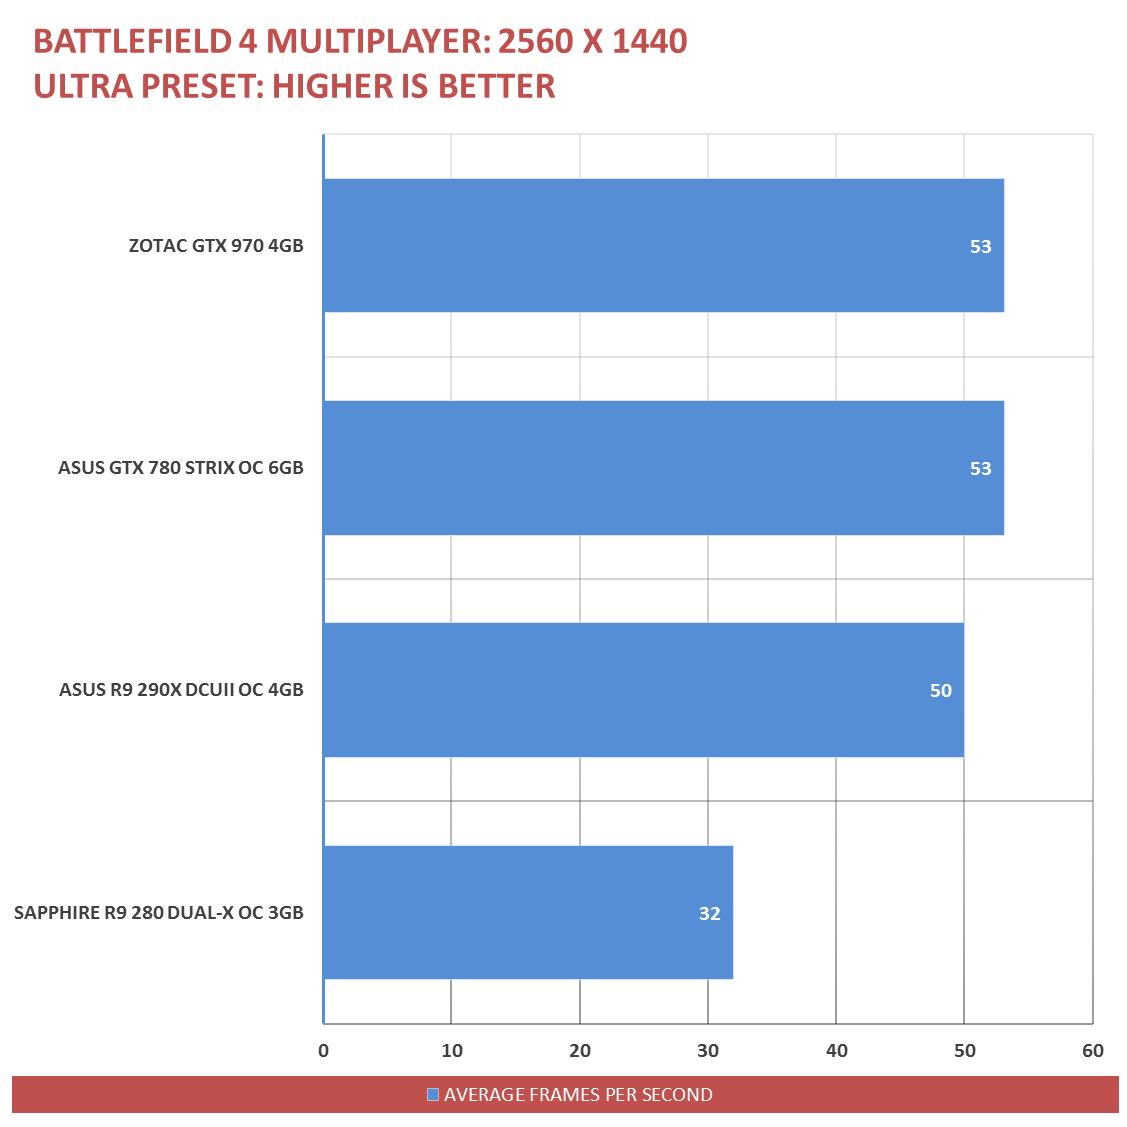 ZOTAC-GTX-970-Benchmarks-15